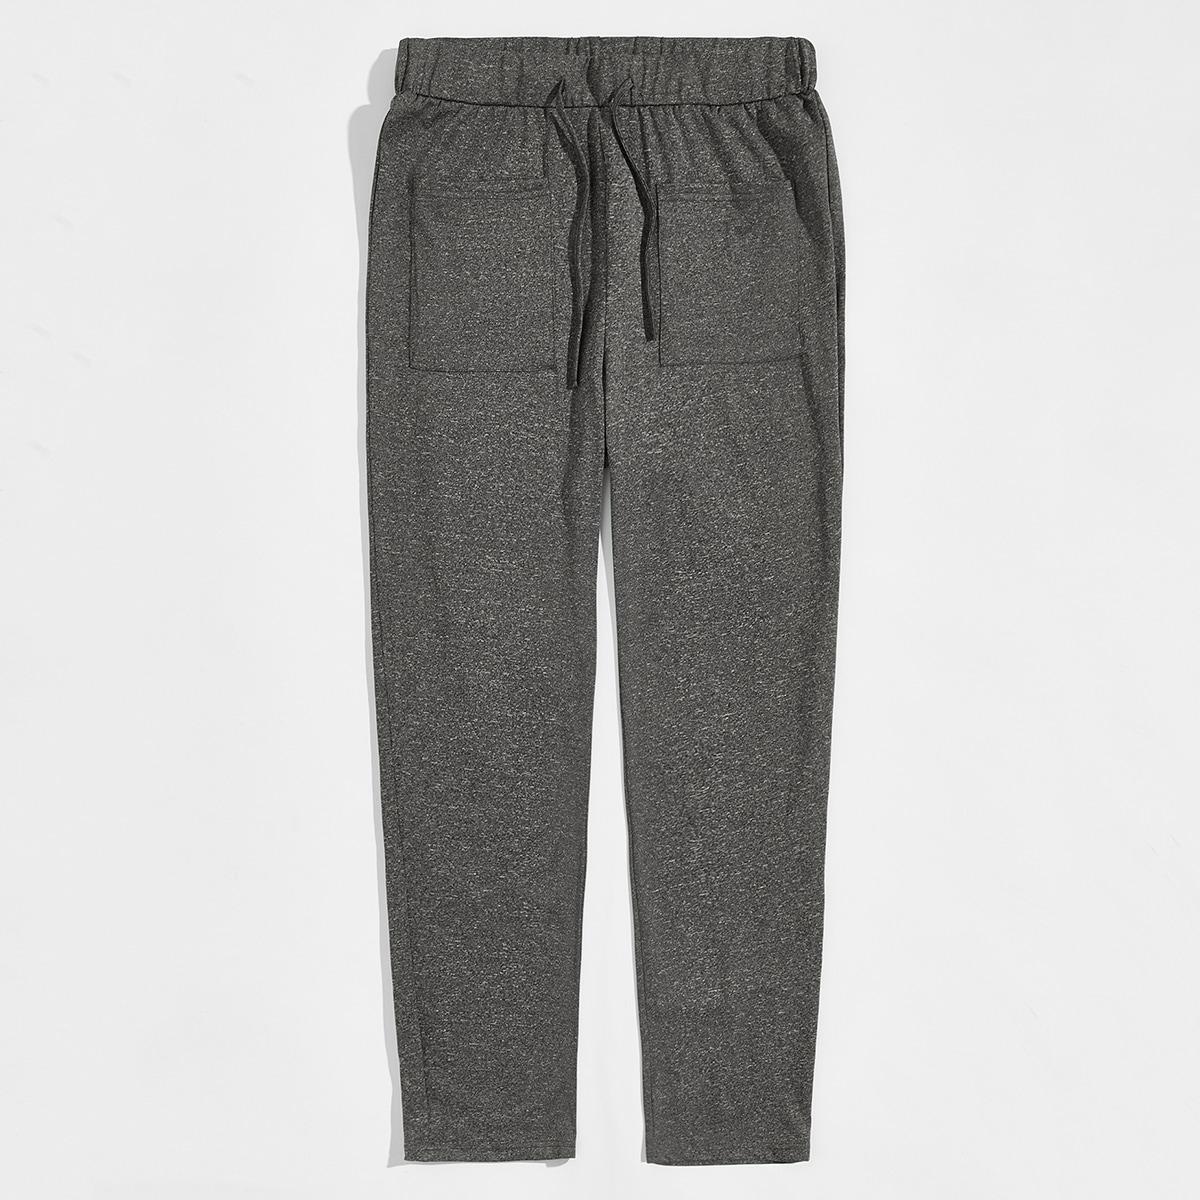 Мужские спортивные брюки на кулиске с карманом